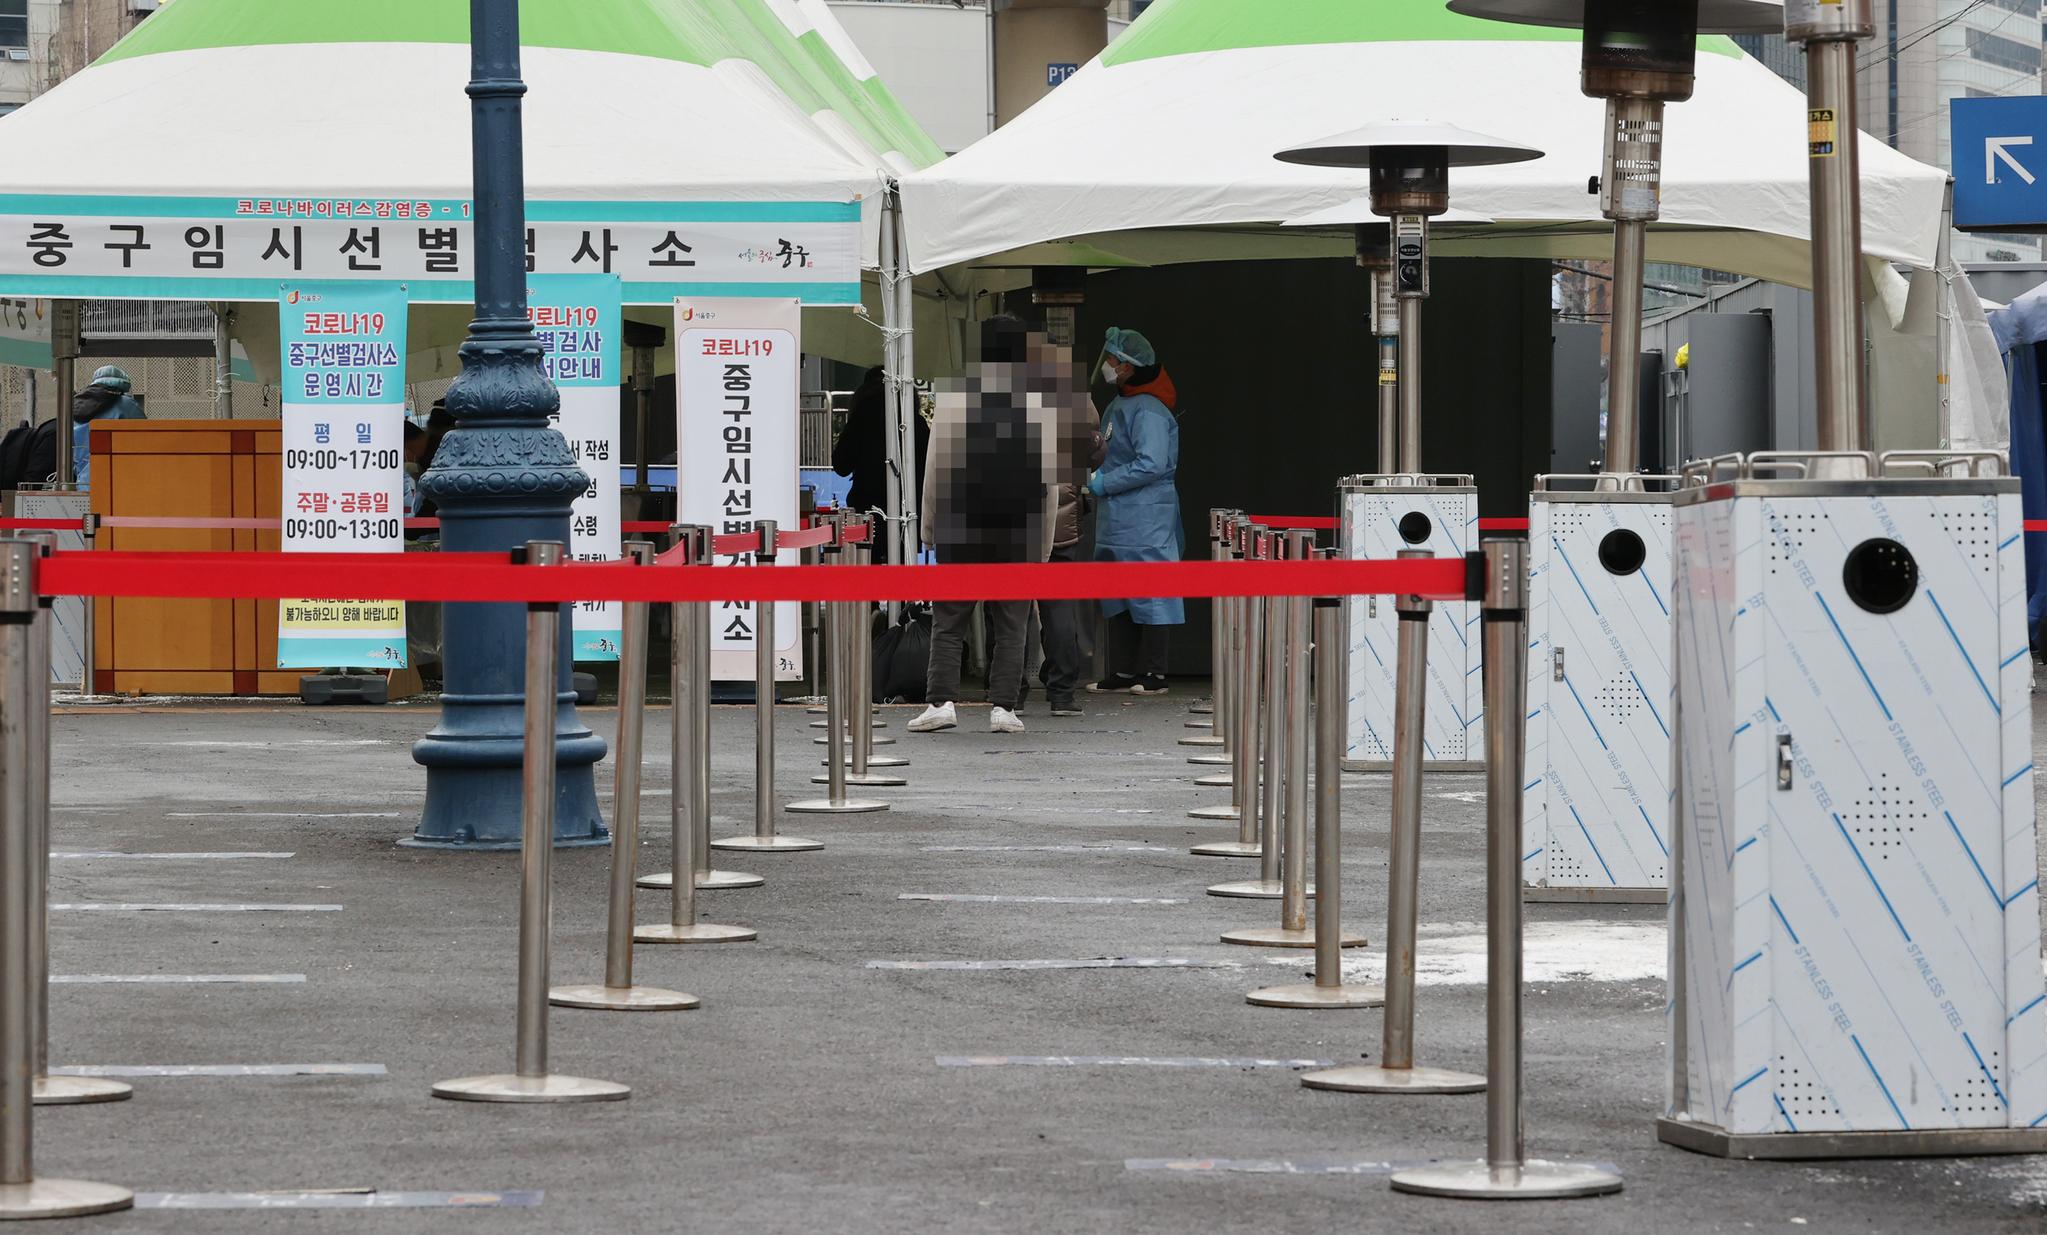 11일 오전 서울역 광장에 마련된 코로나19 임시 선별검사소가 한산한 모습이다. 이날 국내 신종 코로나바이러스 감염증(코로나19) '3차 대유행'의 기세가 한풀 꺾인 가운데 신규 확진자 수는 400명대 중반까지 떨어졌다. 연합뉴스